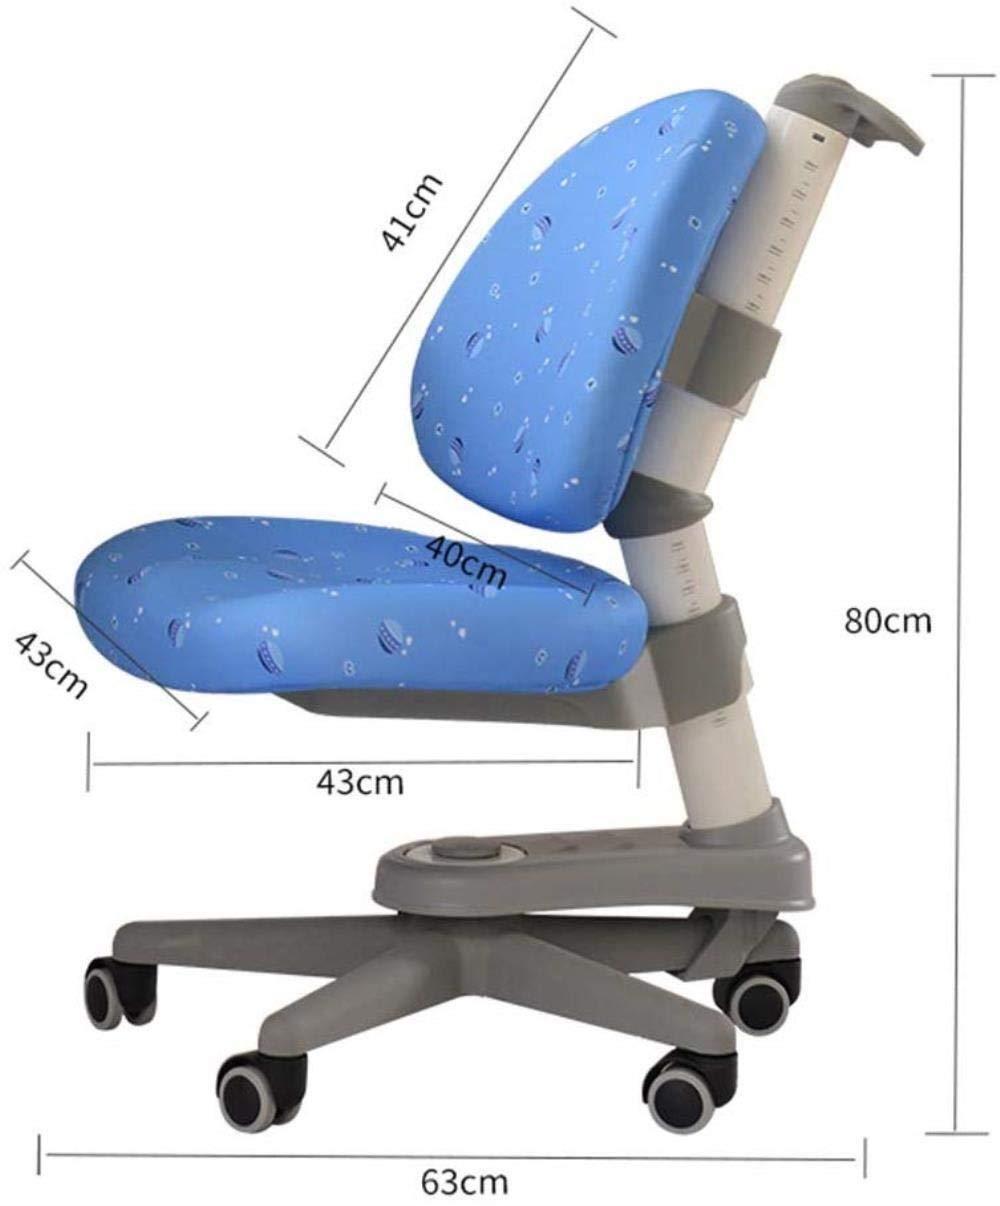 Xiuyun Korrigerande stol ryggstöd lyftbord hållning korrigeringsstol positiv dubbel rygg svängbar stol barn skrivbord pall lärande stol svängbar stol, (färg: A) a